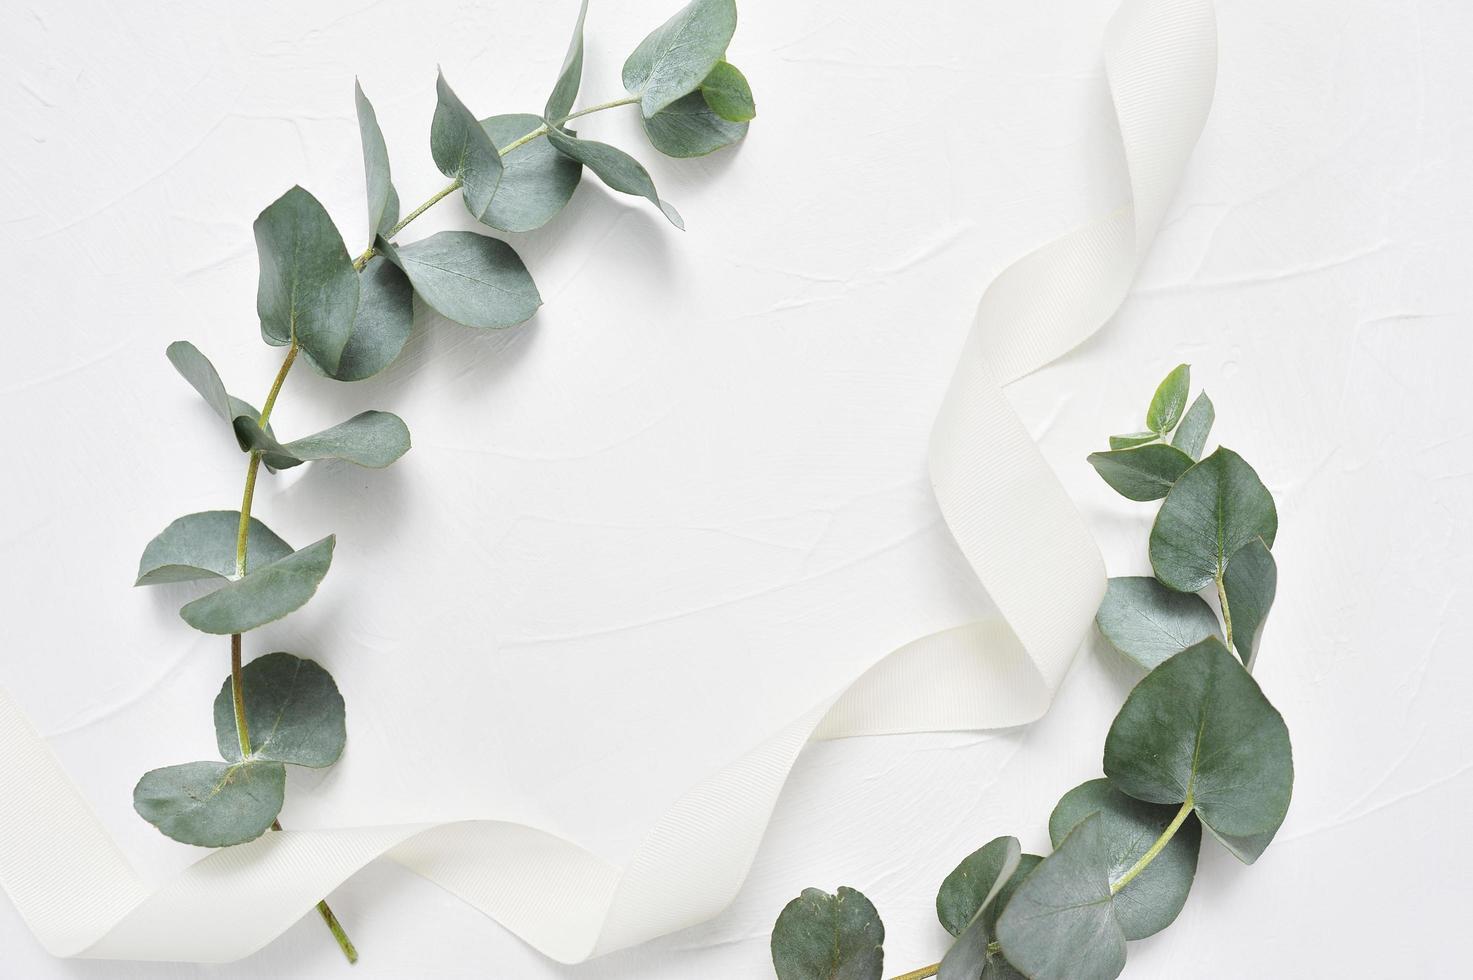 Eukalyptusblätter und Bandrahmen auf weißem Hintergrund foto